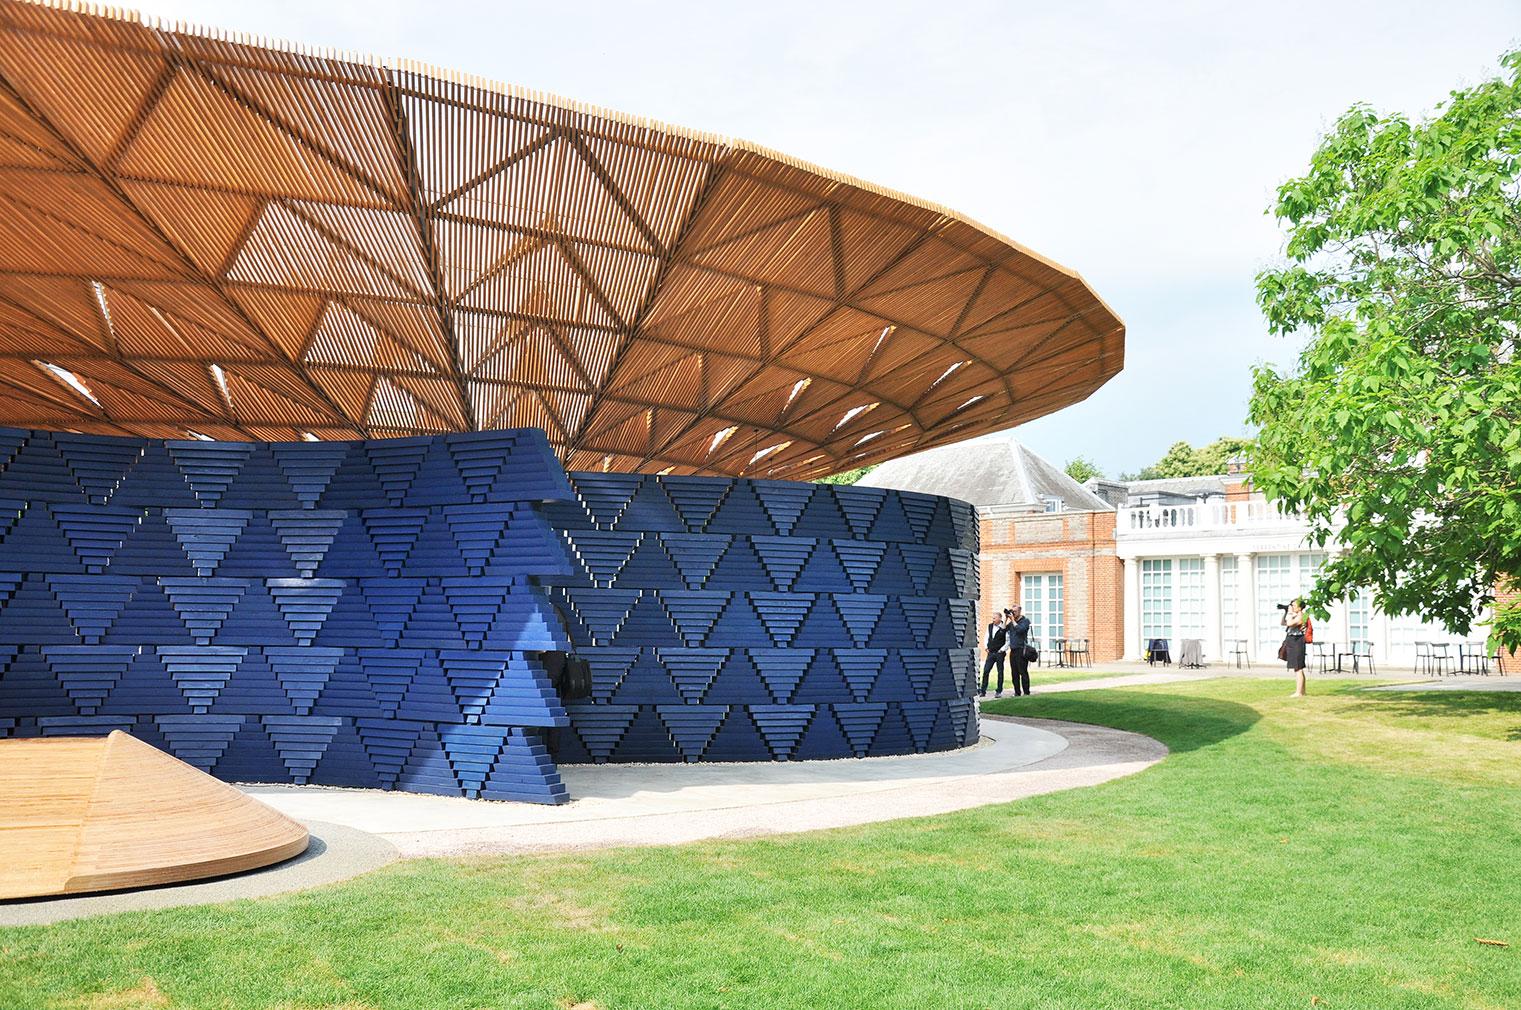 Serpentine Pavilion 2017, designed by Francis Kéré